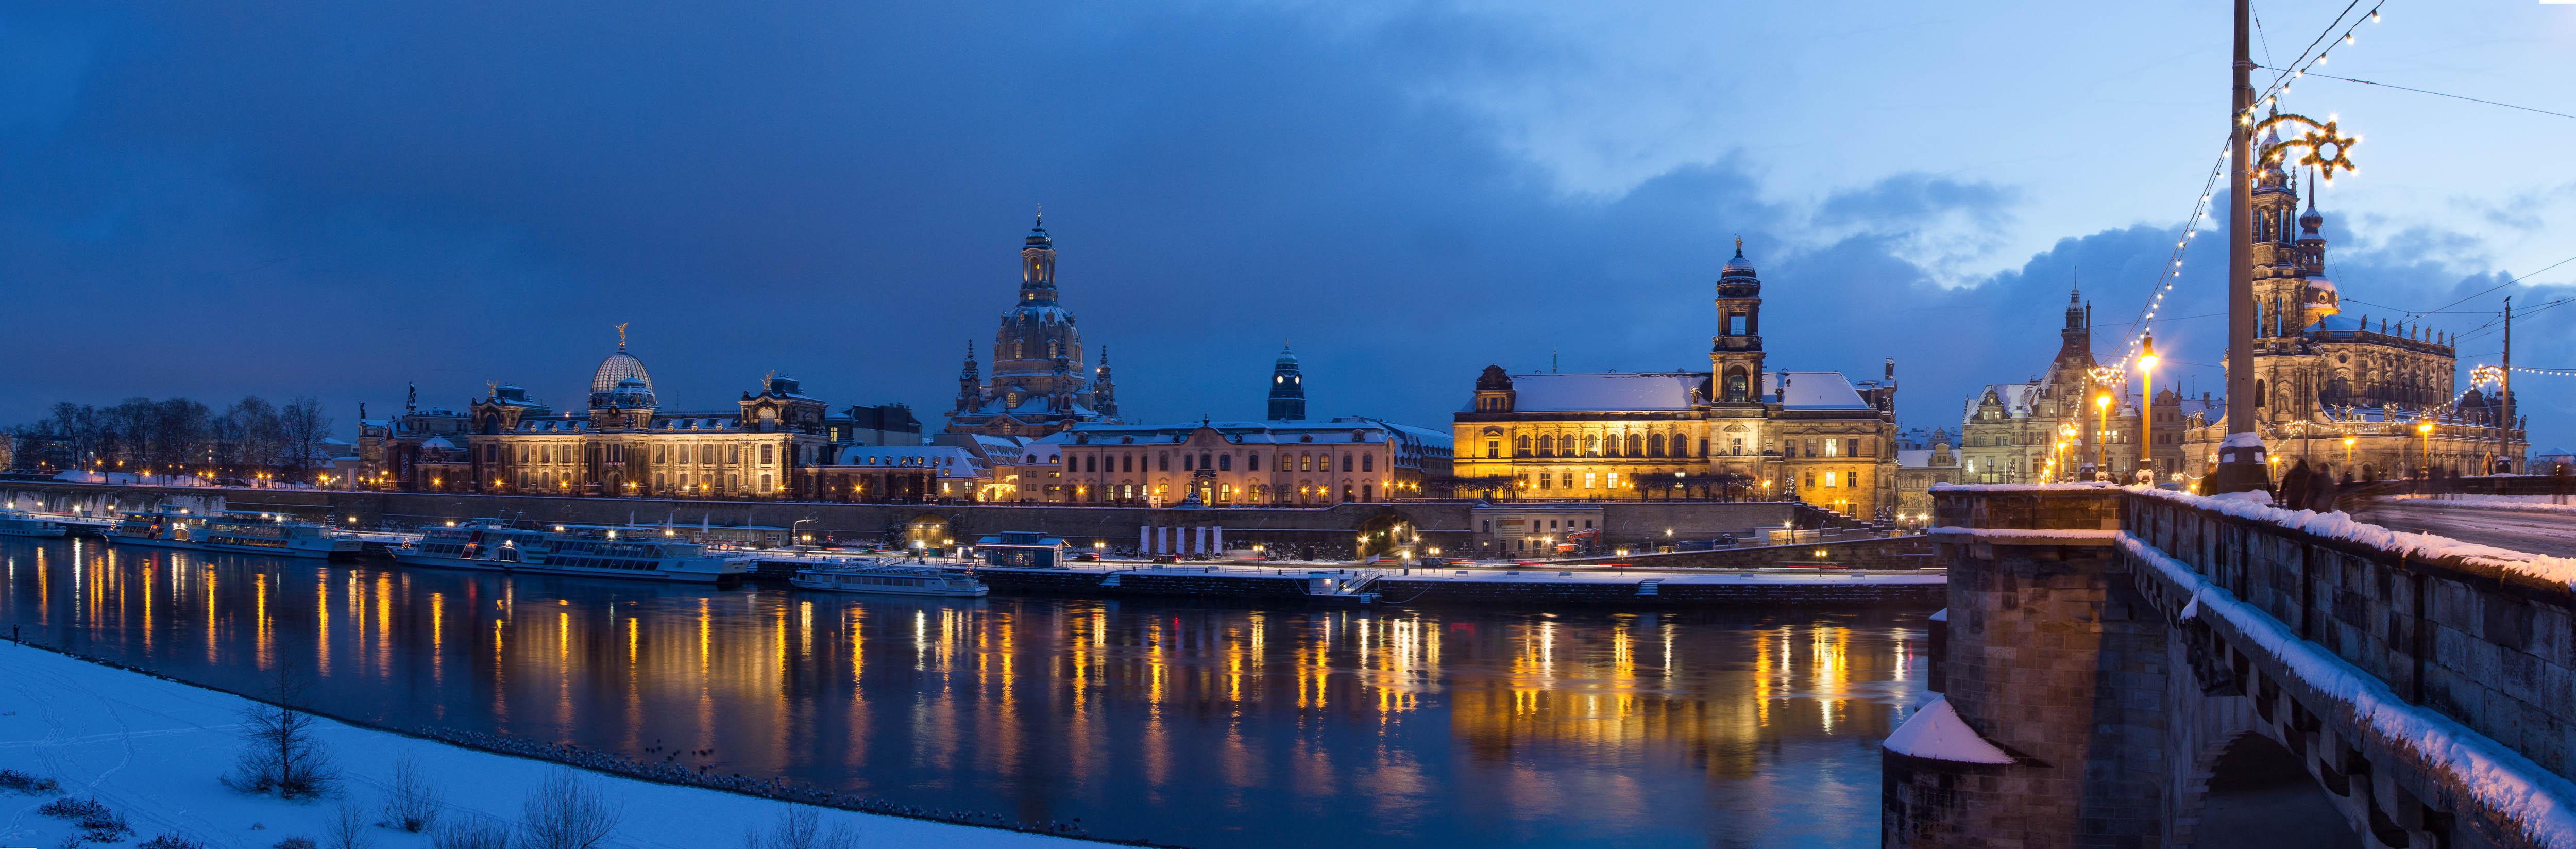 Dresden Panorama mit Schnee (nicht gestern)   Wallpaper   Galerie ...